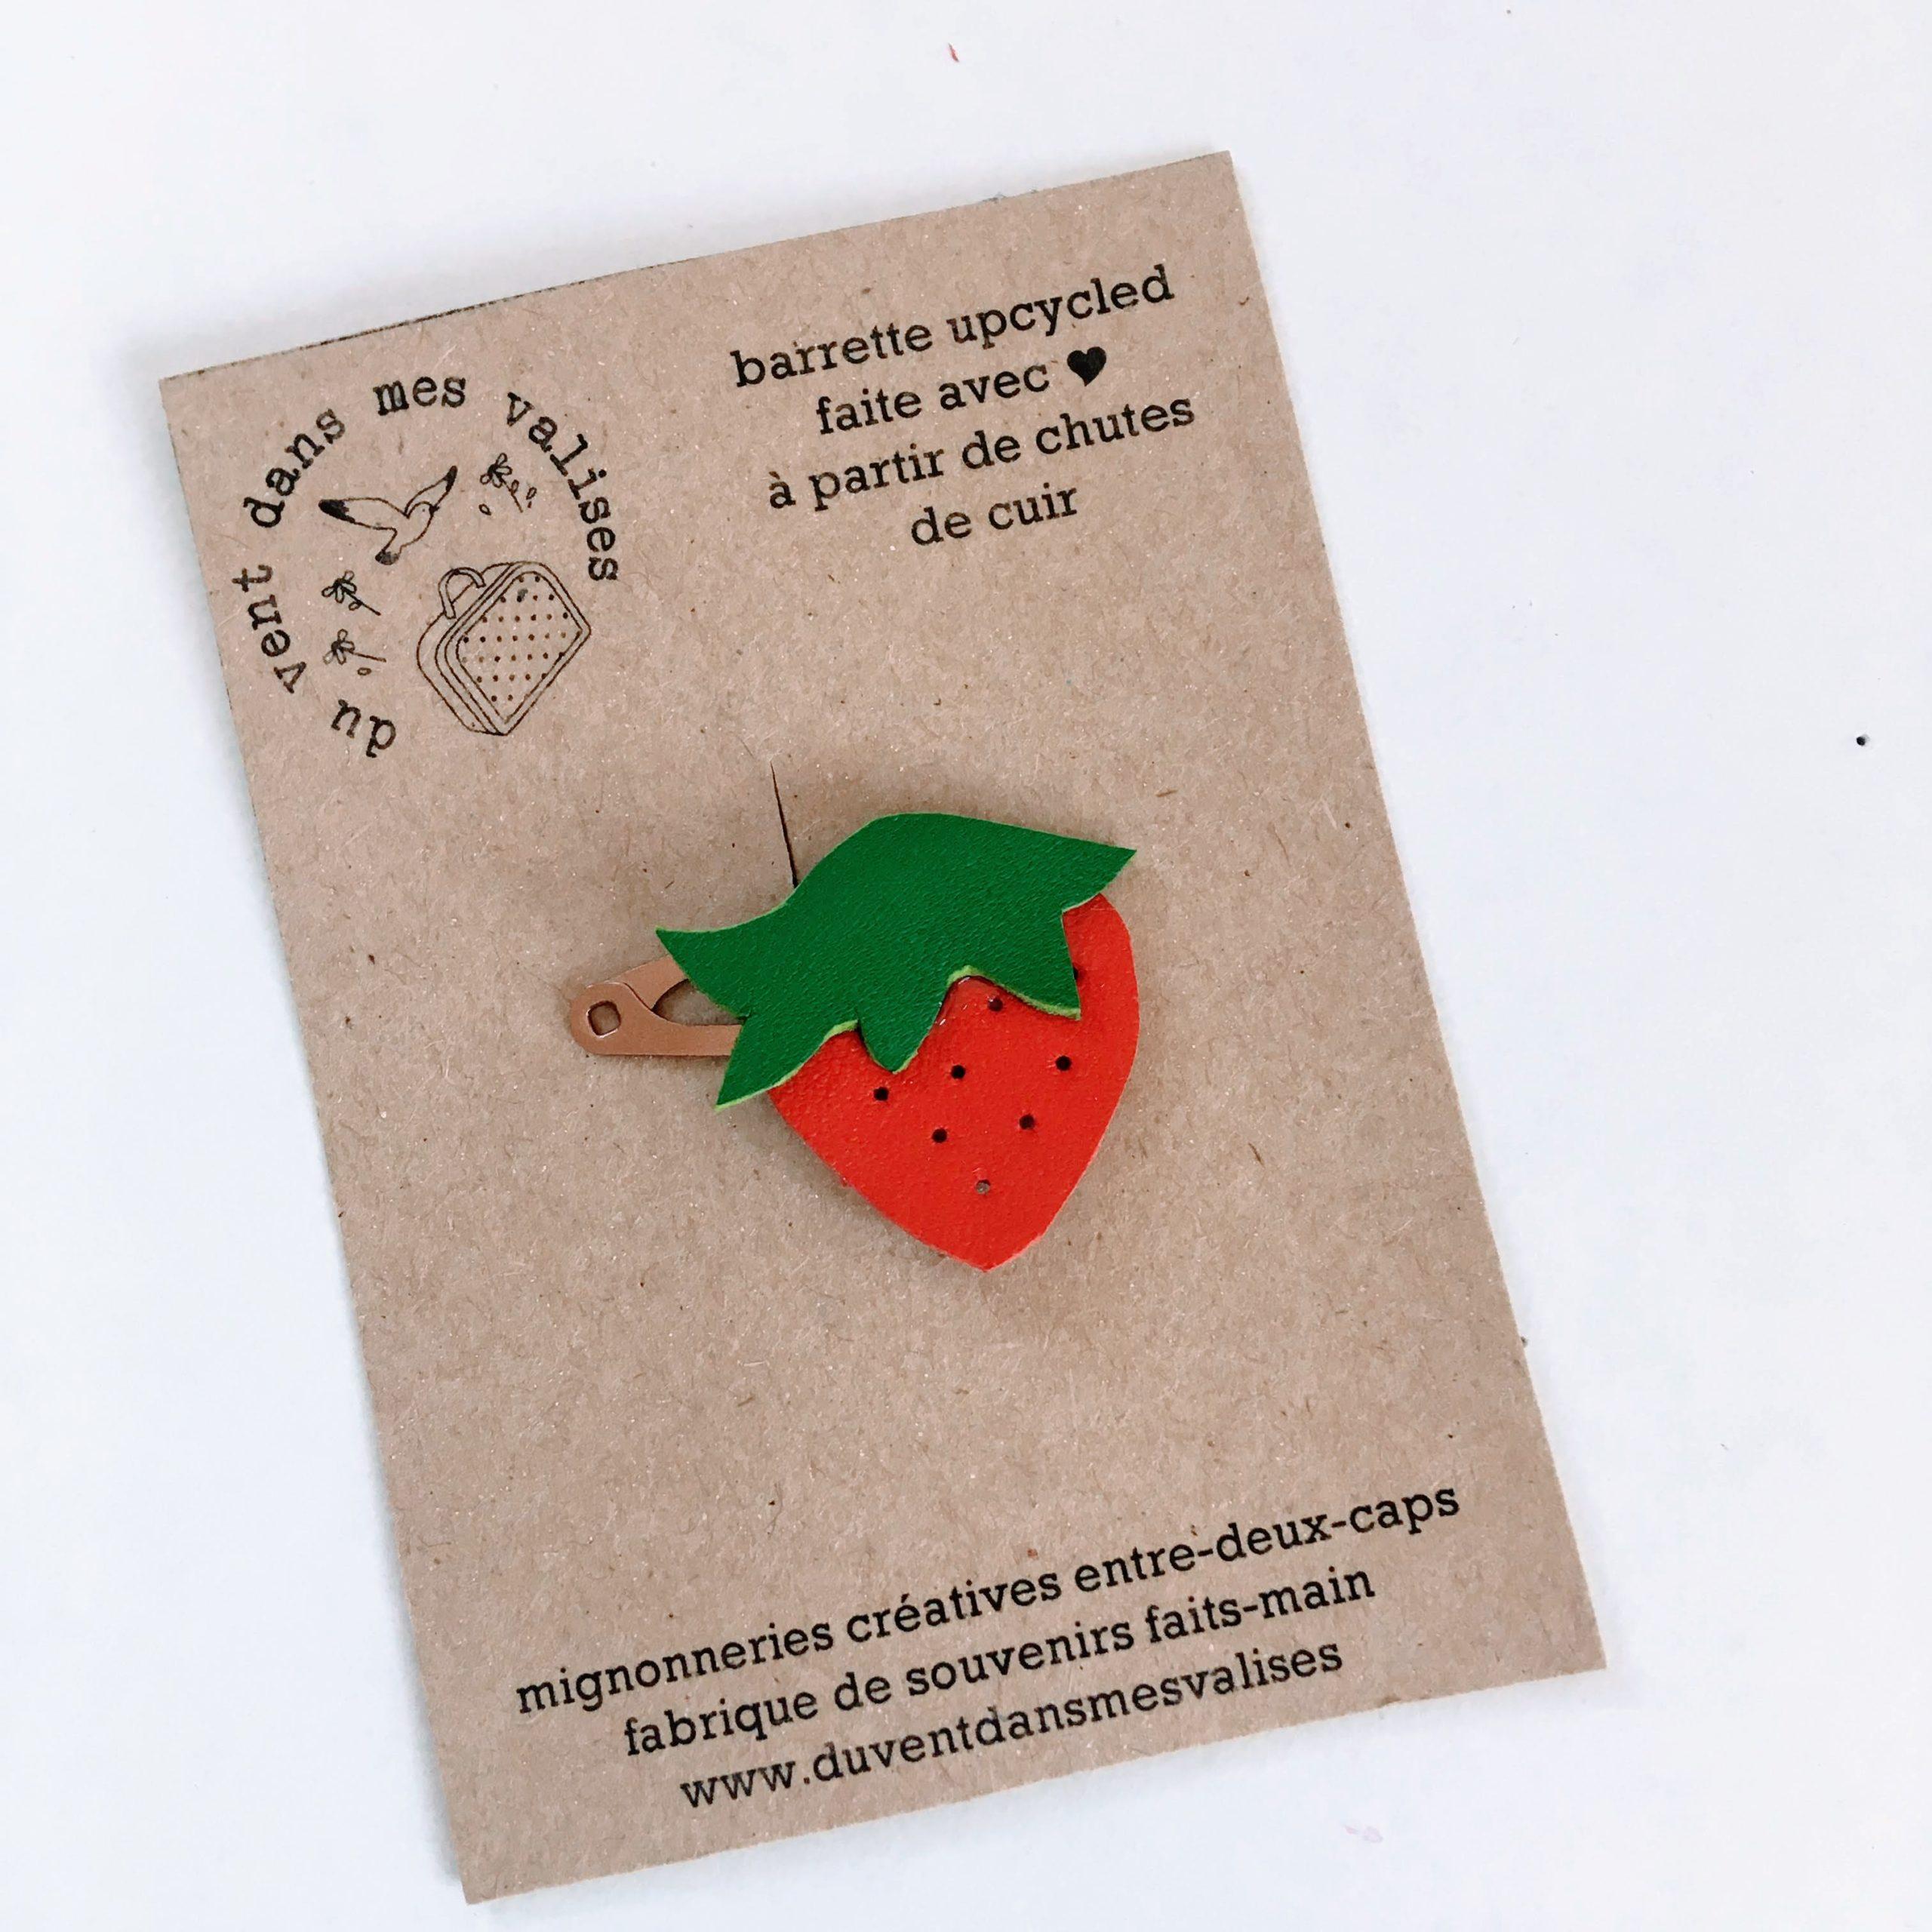 du vent dans mes valises - barrette fraise made in France